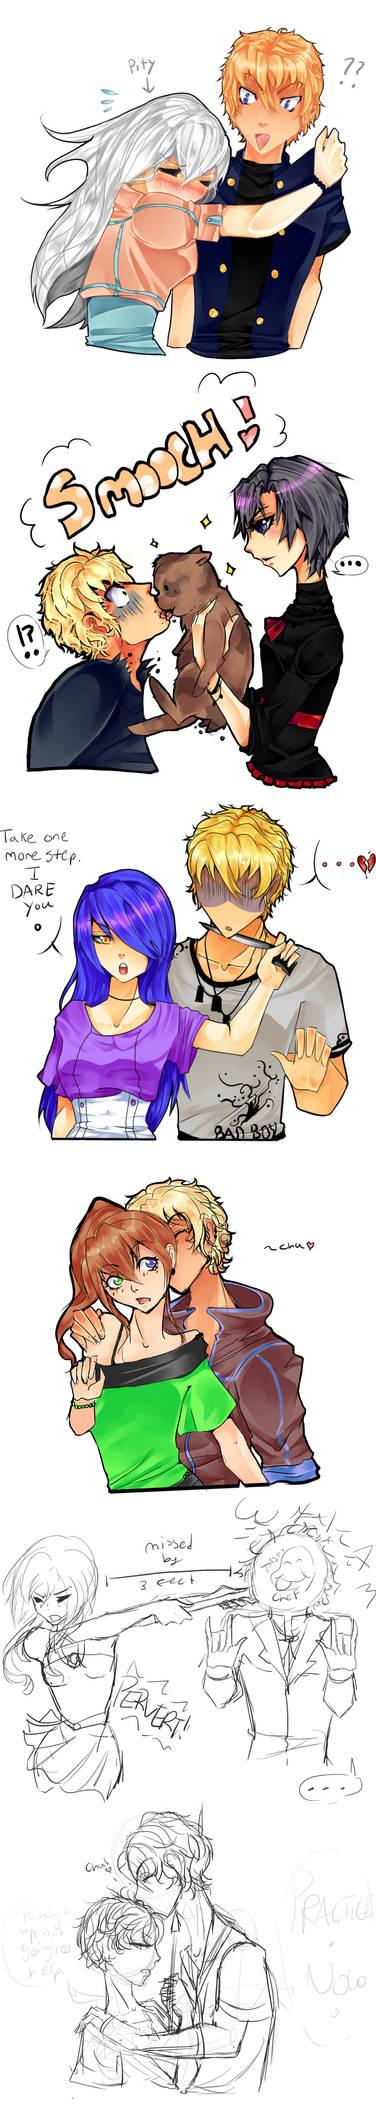 :IH: Dantae's Kiss Meme- Part 1 by Nika-tan